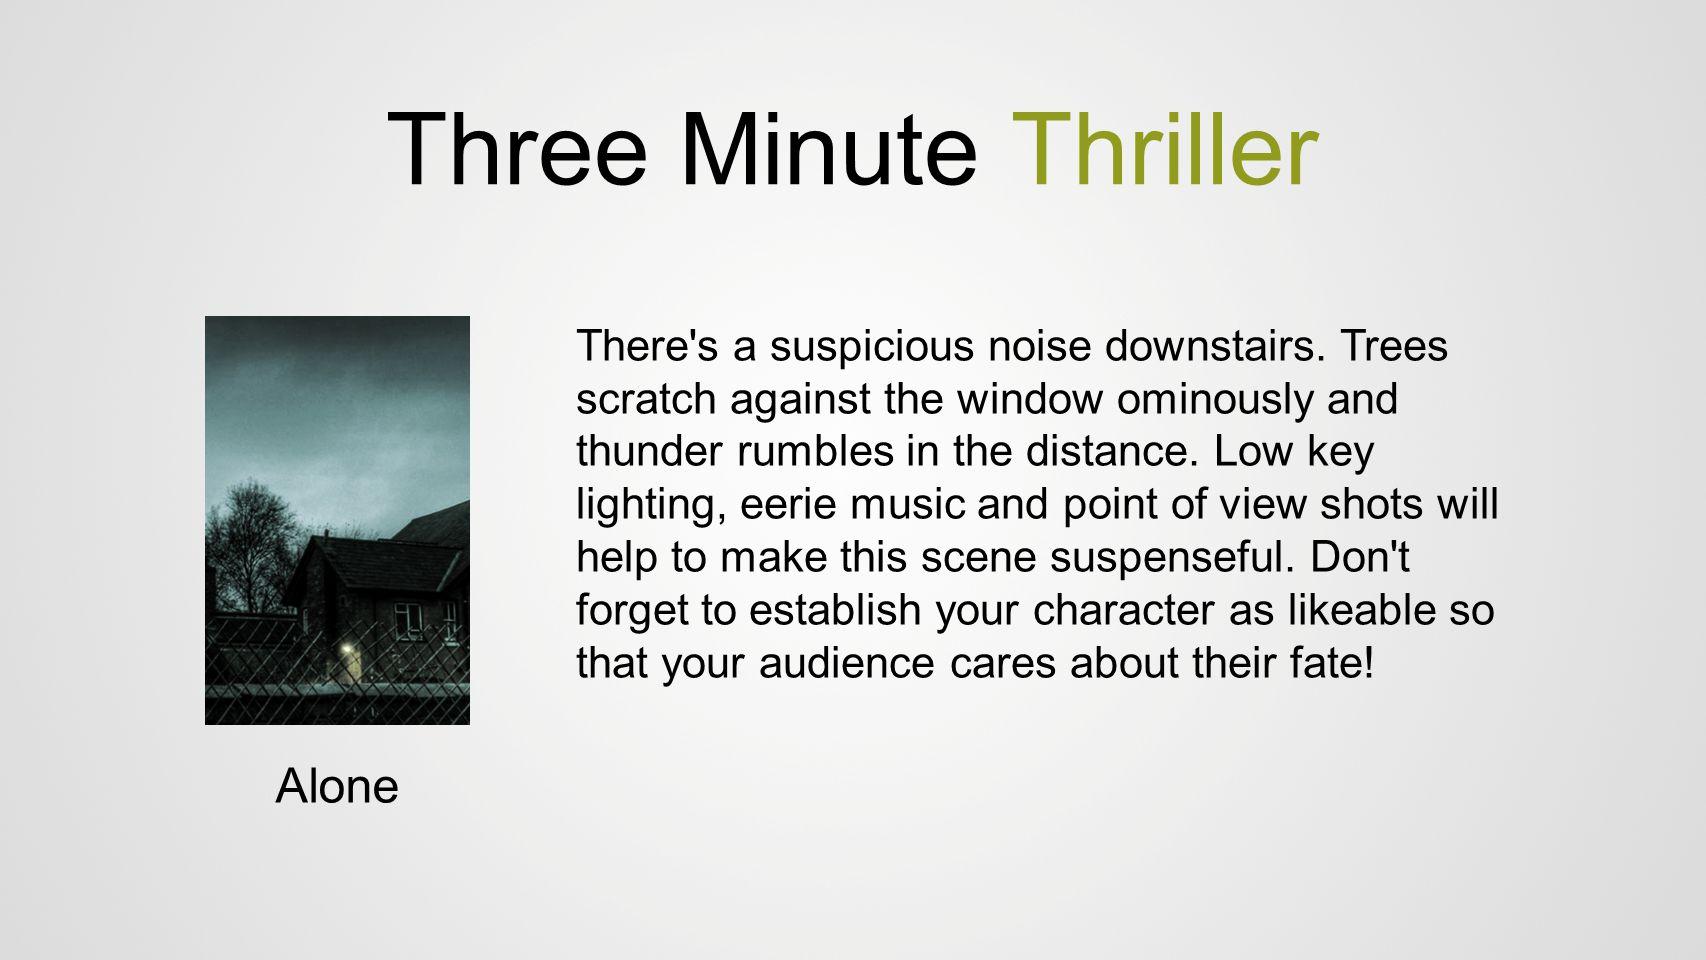 Three Minute Thriller Alone